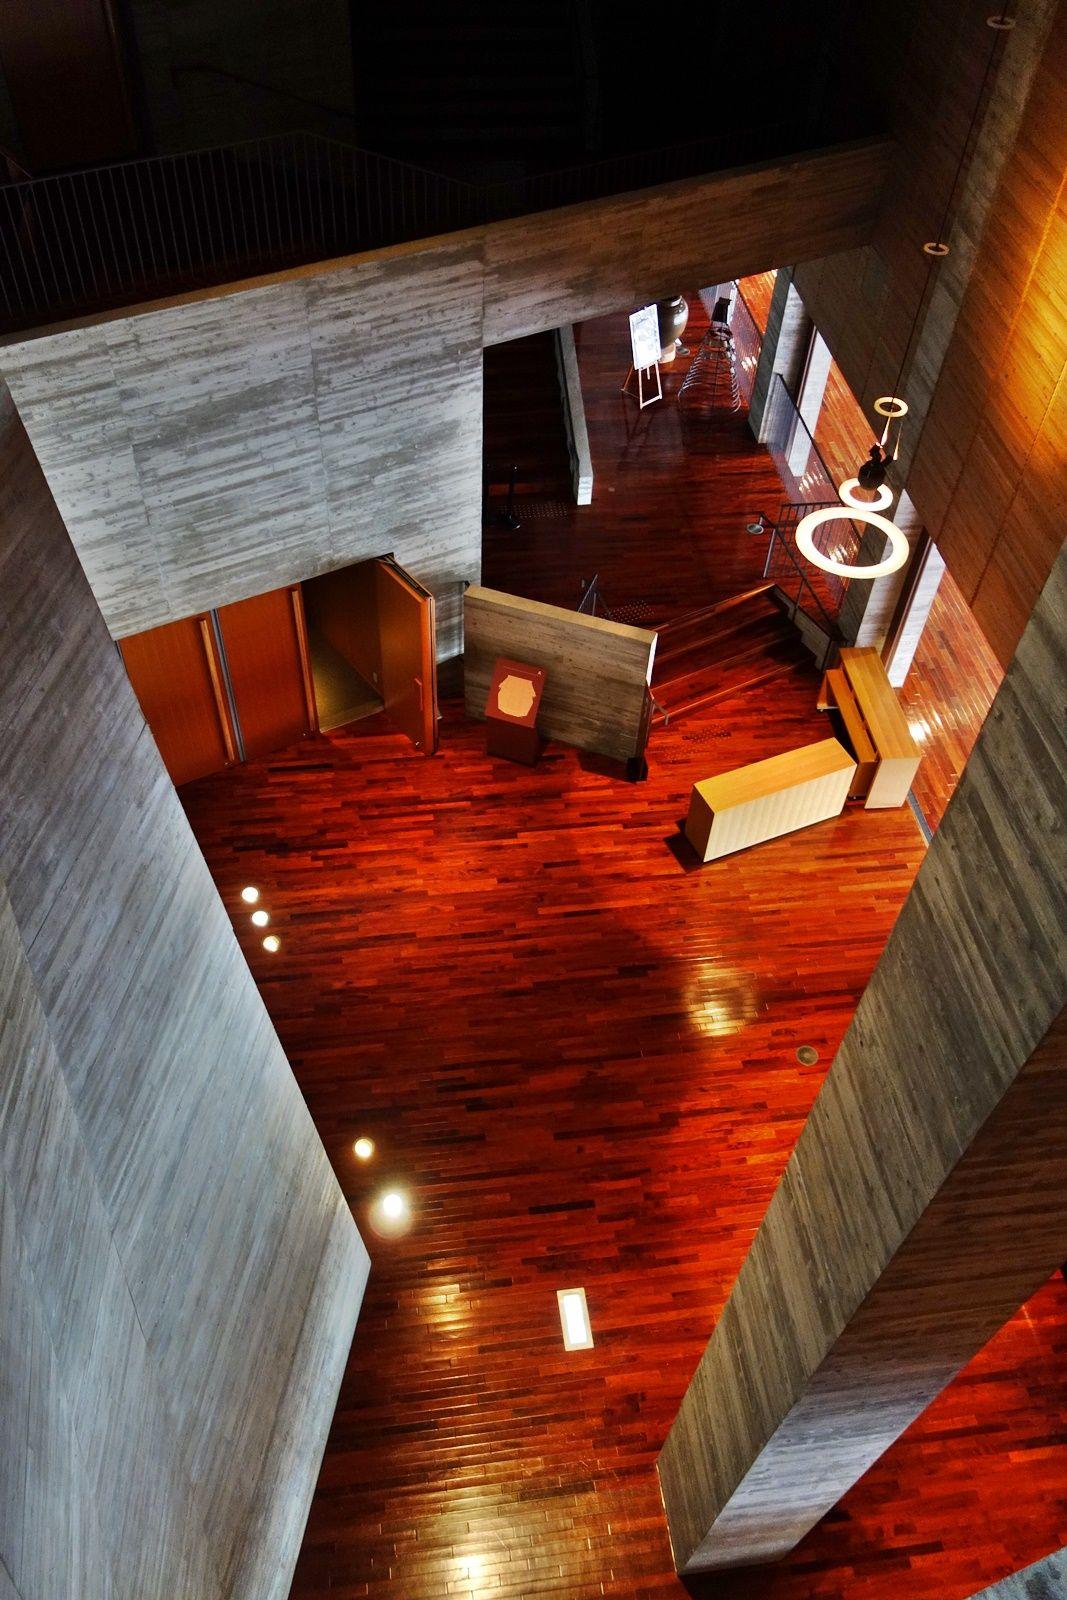 木の温もりとコンクリートの無機質さが融合したダイナミックな建物内部